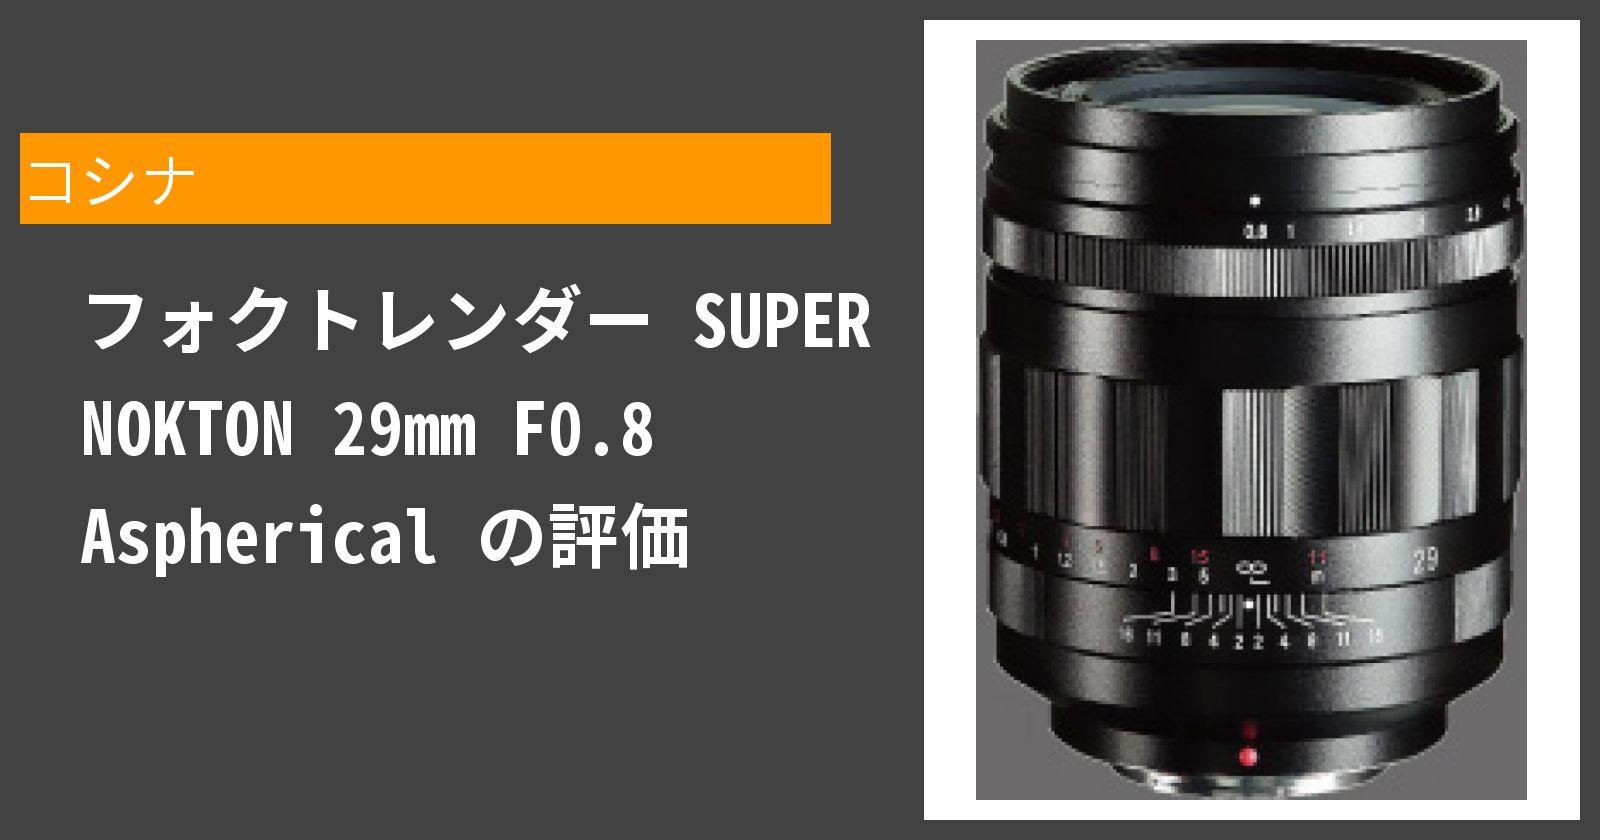 フォクトレンダー SUPER NOKTON 29mm F0.8 Asphericalを徹底評価